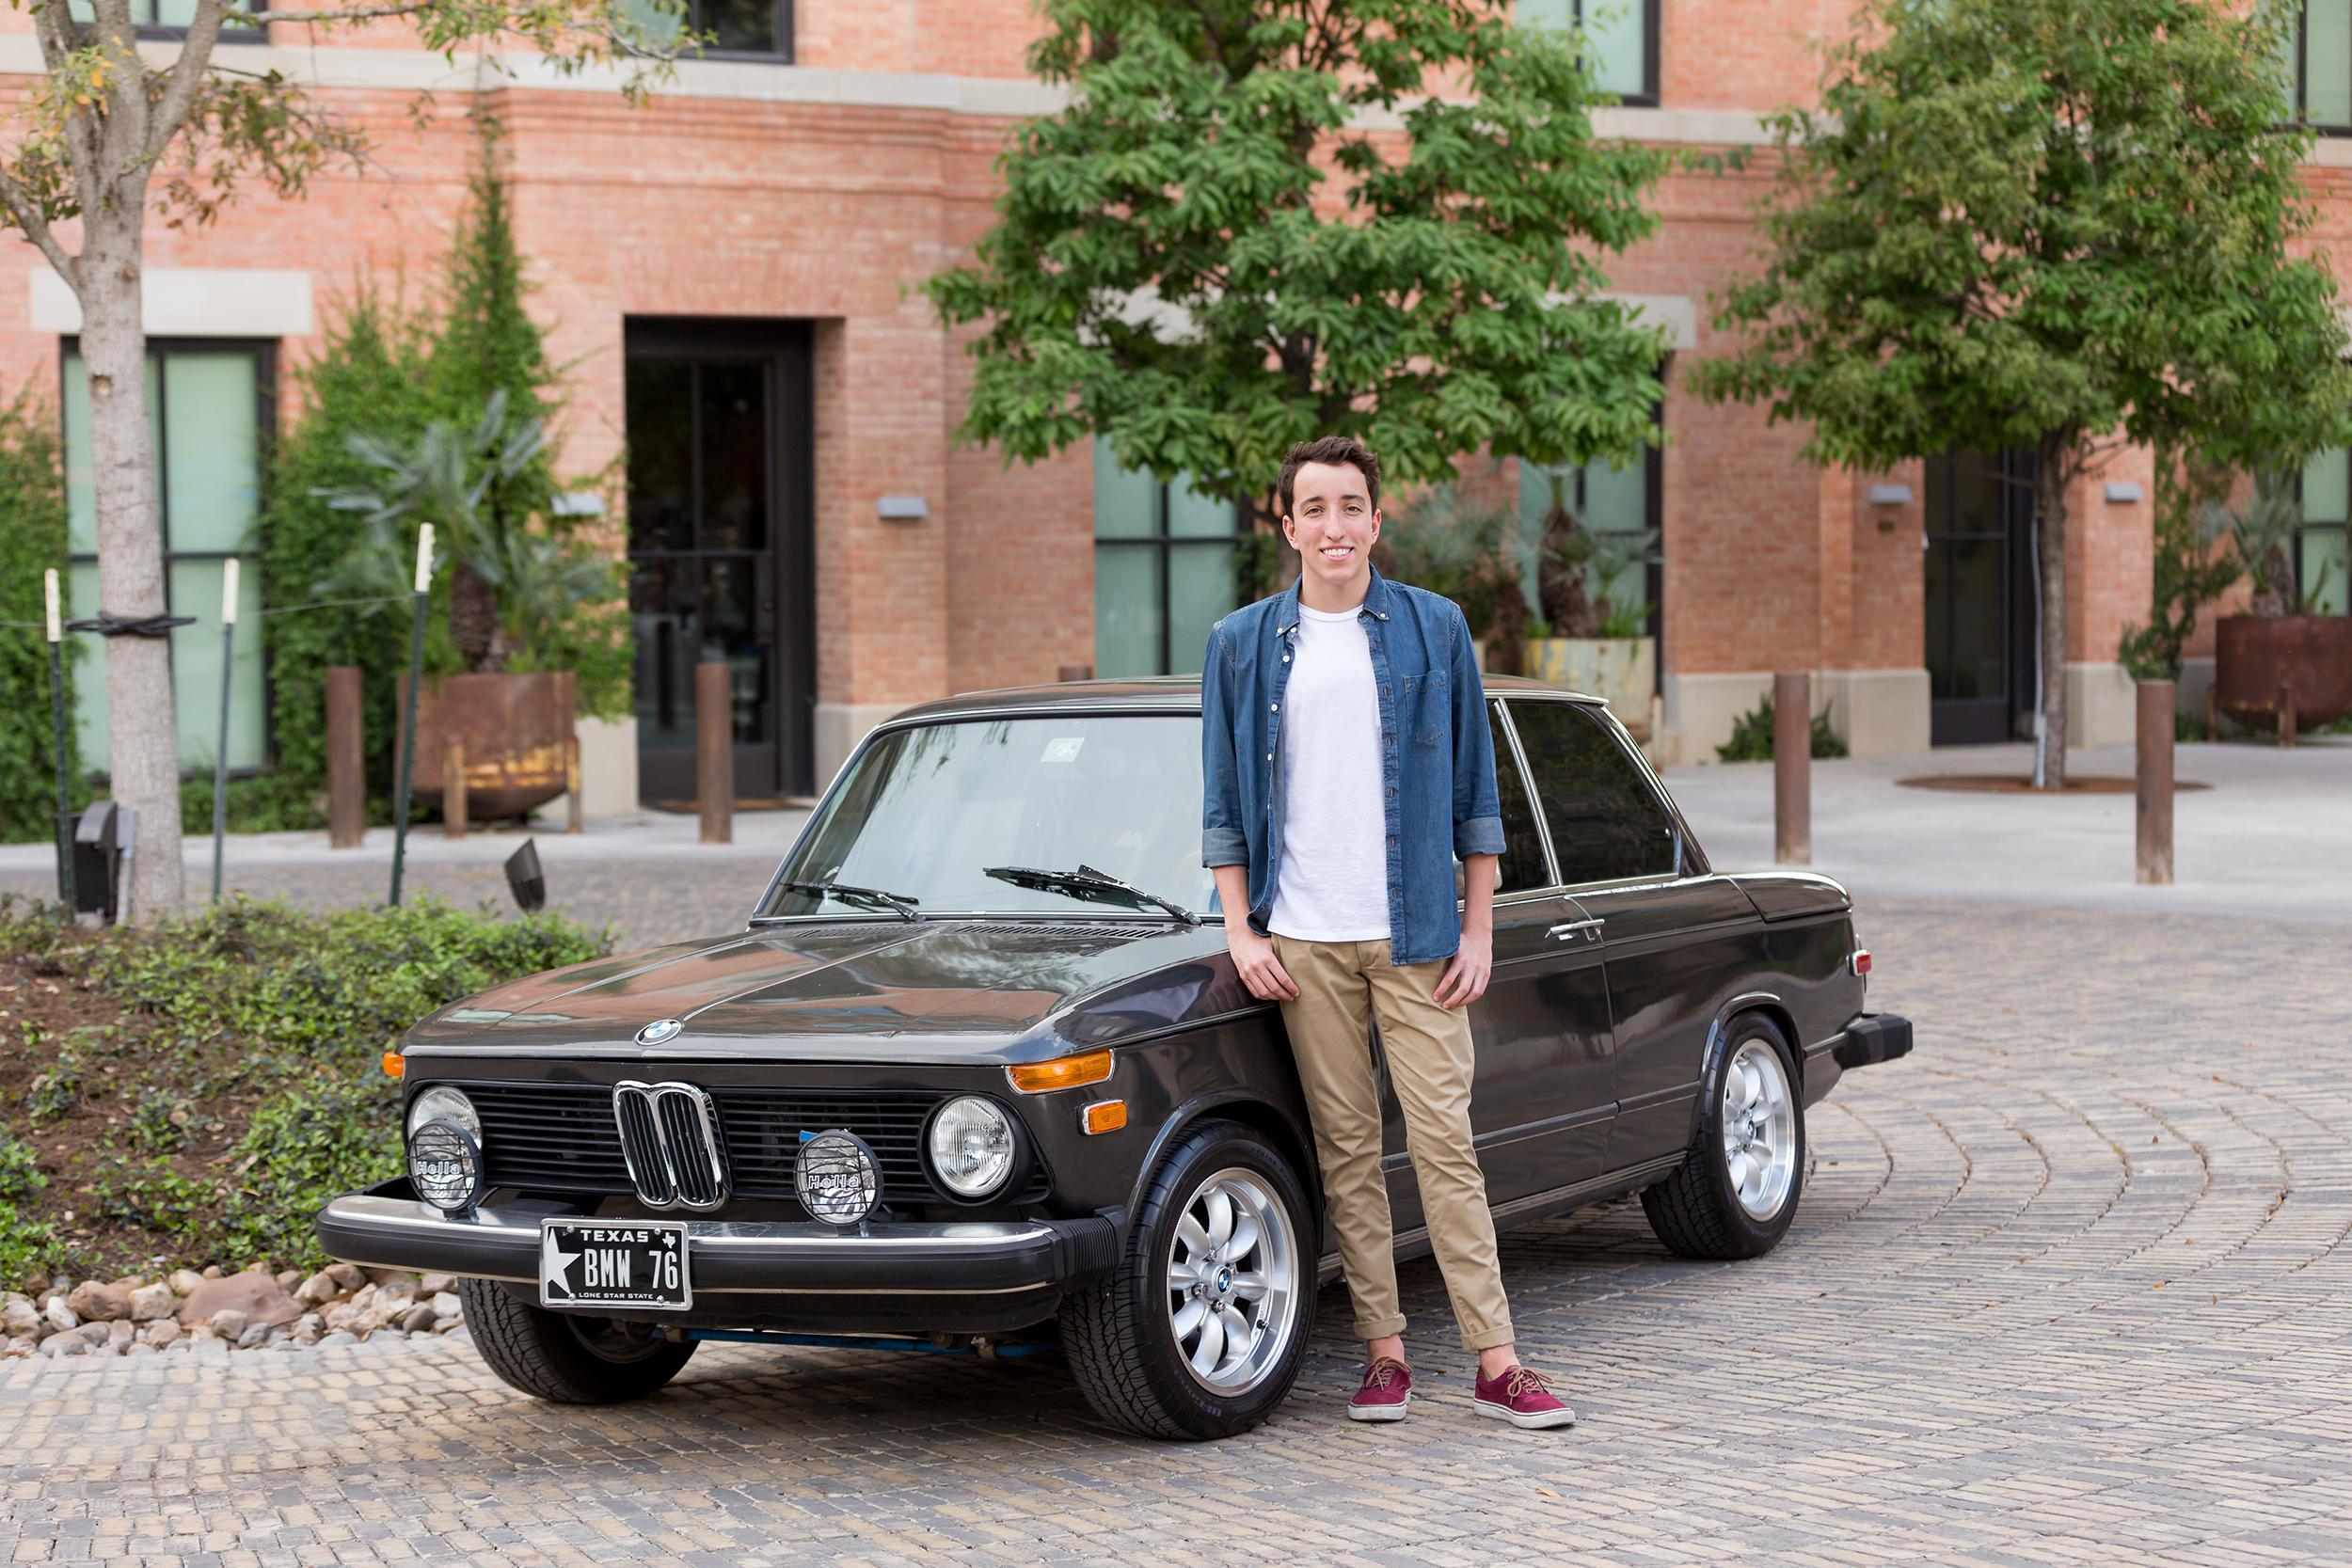 Antique-BMW-senior-boy-Pearl.jpg